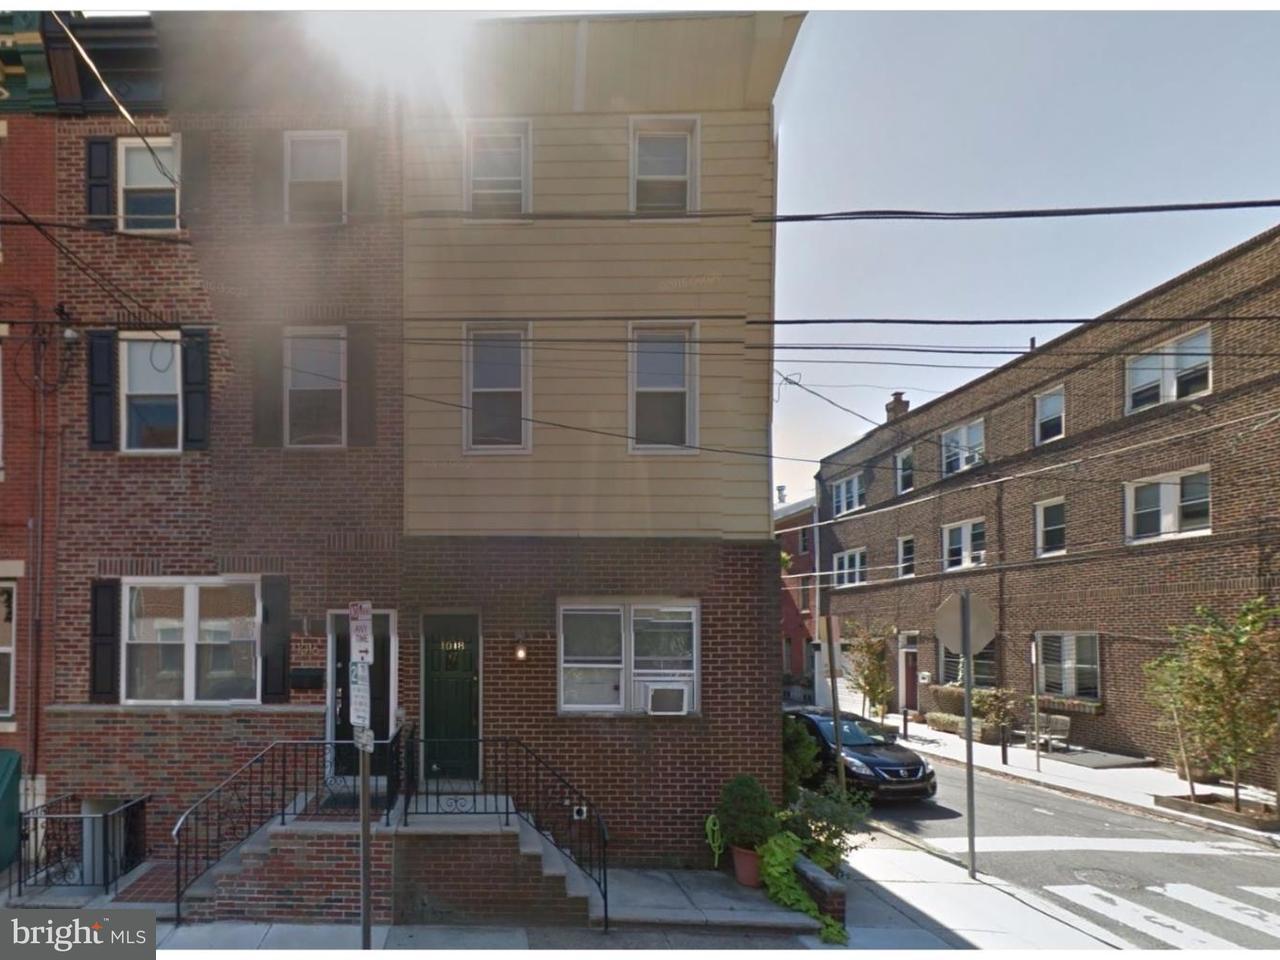 1018  Fitzwater Philadelphia, PA 19147